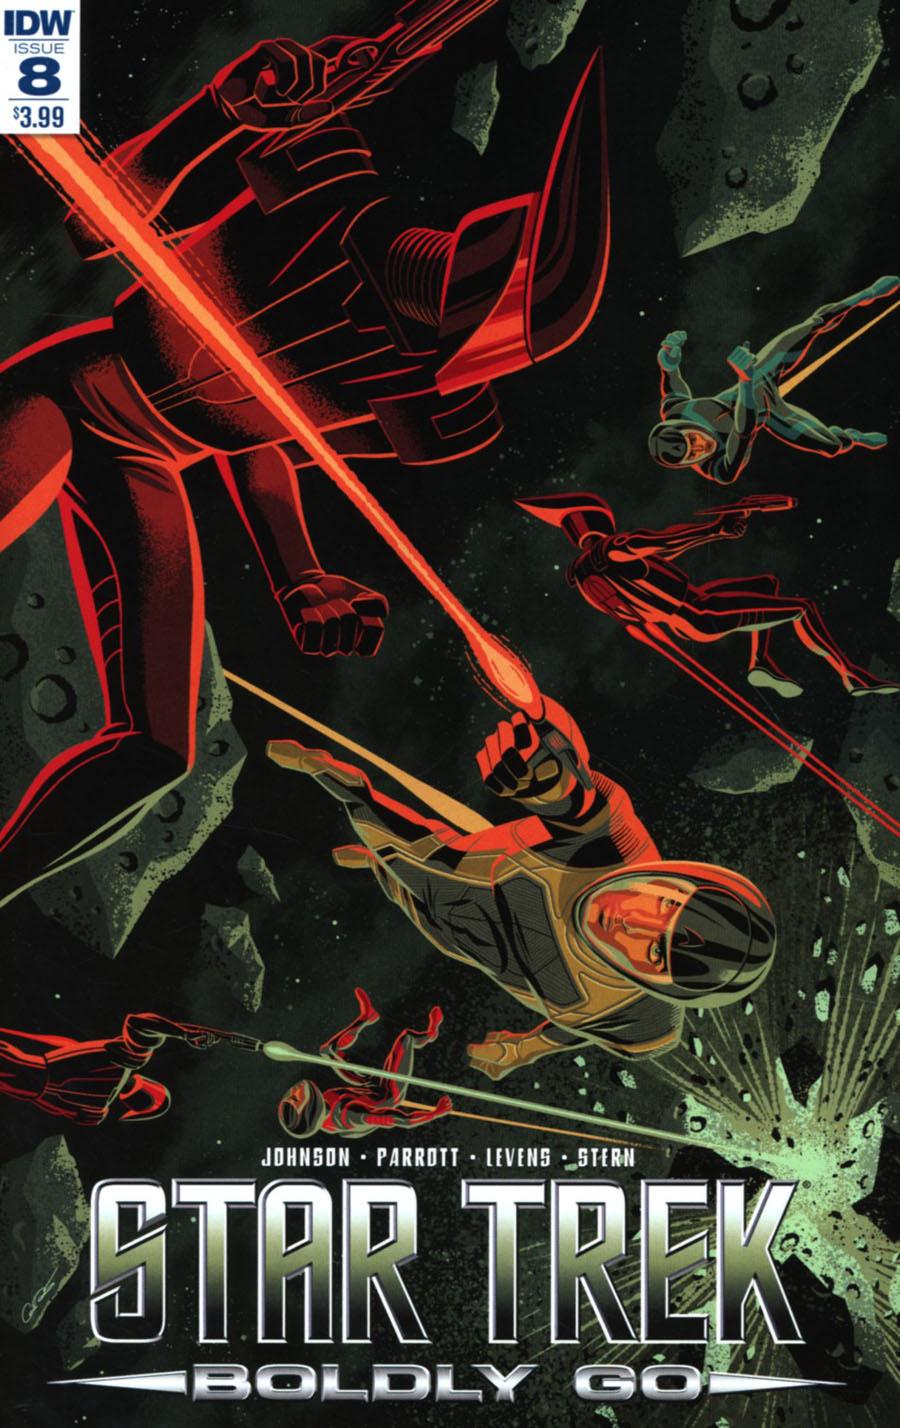 Star Trek Boldly Go #8 Cover A Regular George Caltsoudas Cover